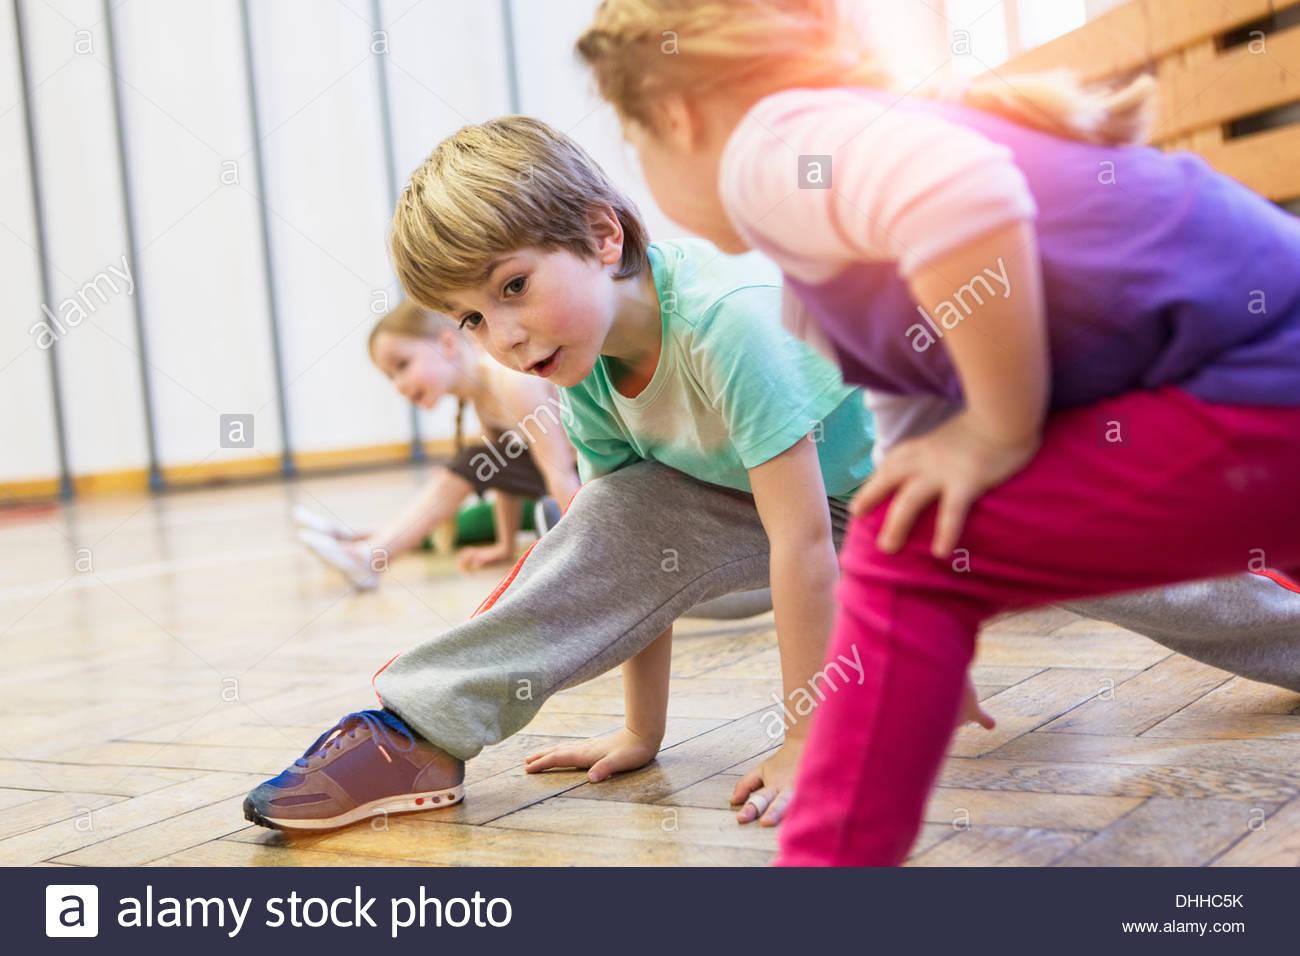 Bambini stretching, gambe piegate, inclinato in avanti Immagini Stock